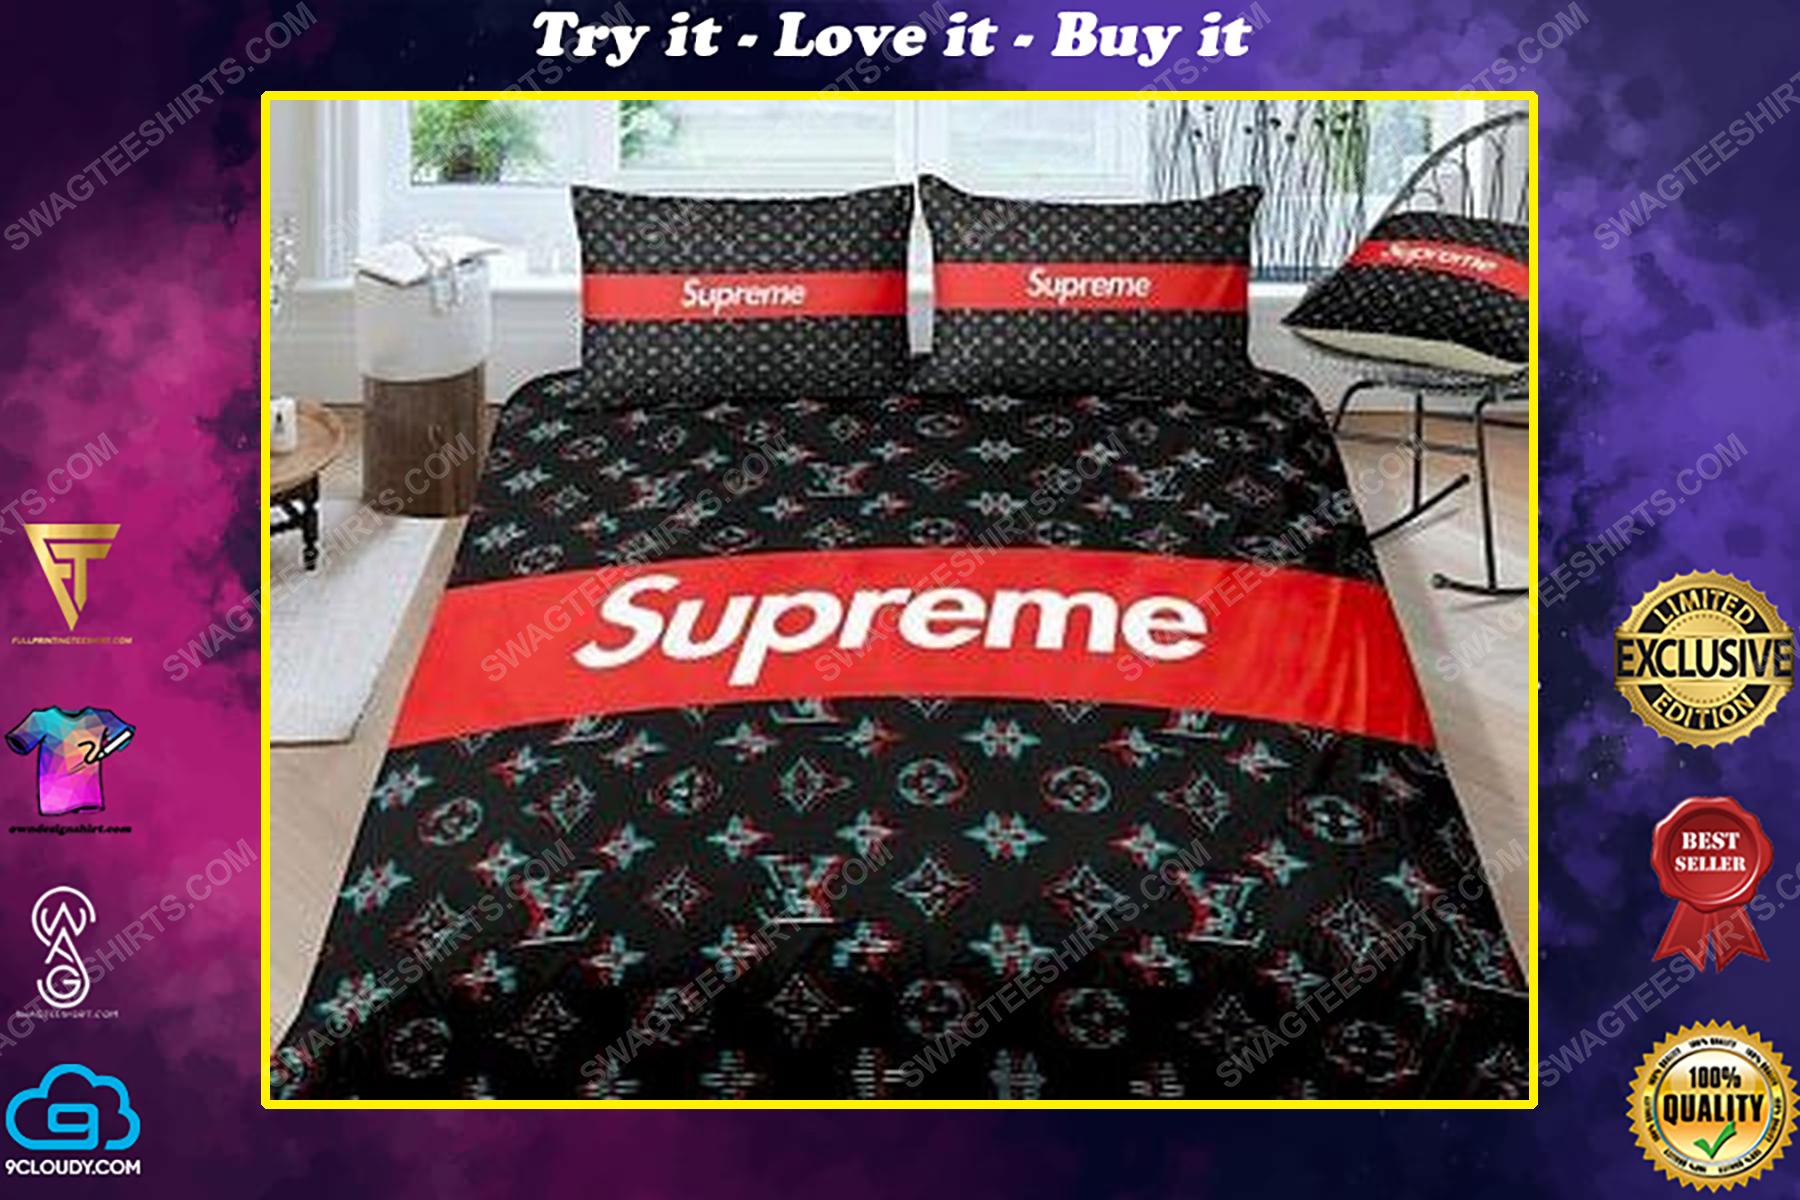 Supreme and lv full print duvet cover bedding set